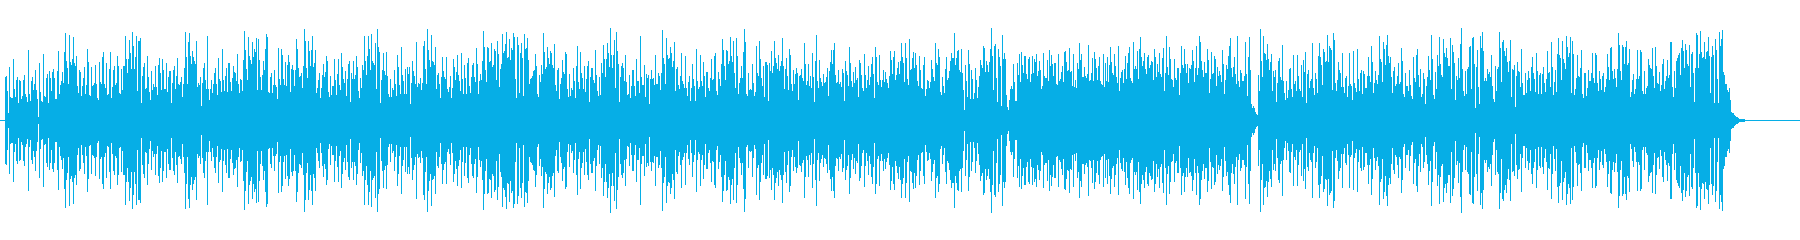 クール&ジャジーなアジッド風サウンドの再生済みの波形